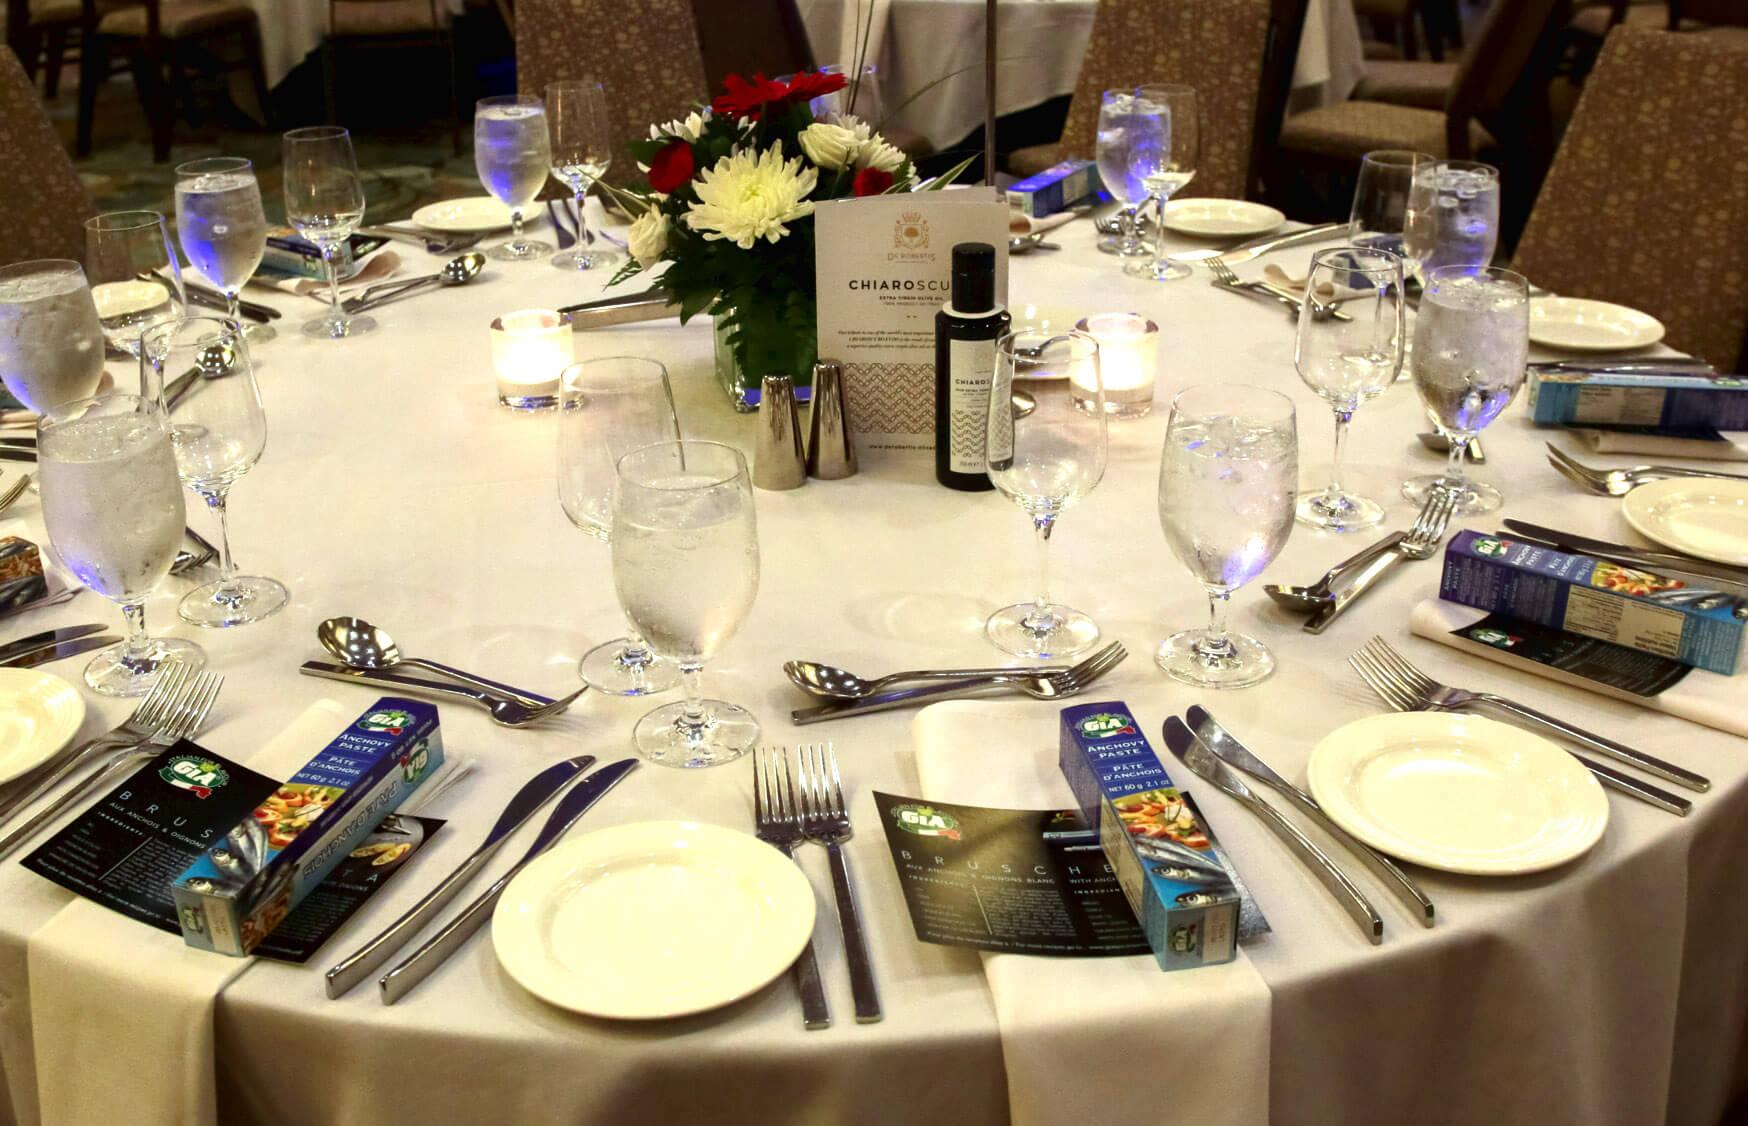 ICCBC Emilia Romagna Gala Dinner Table